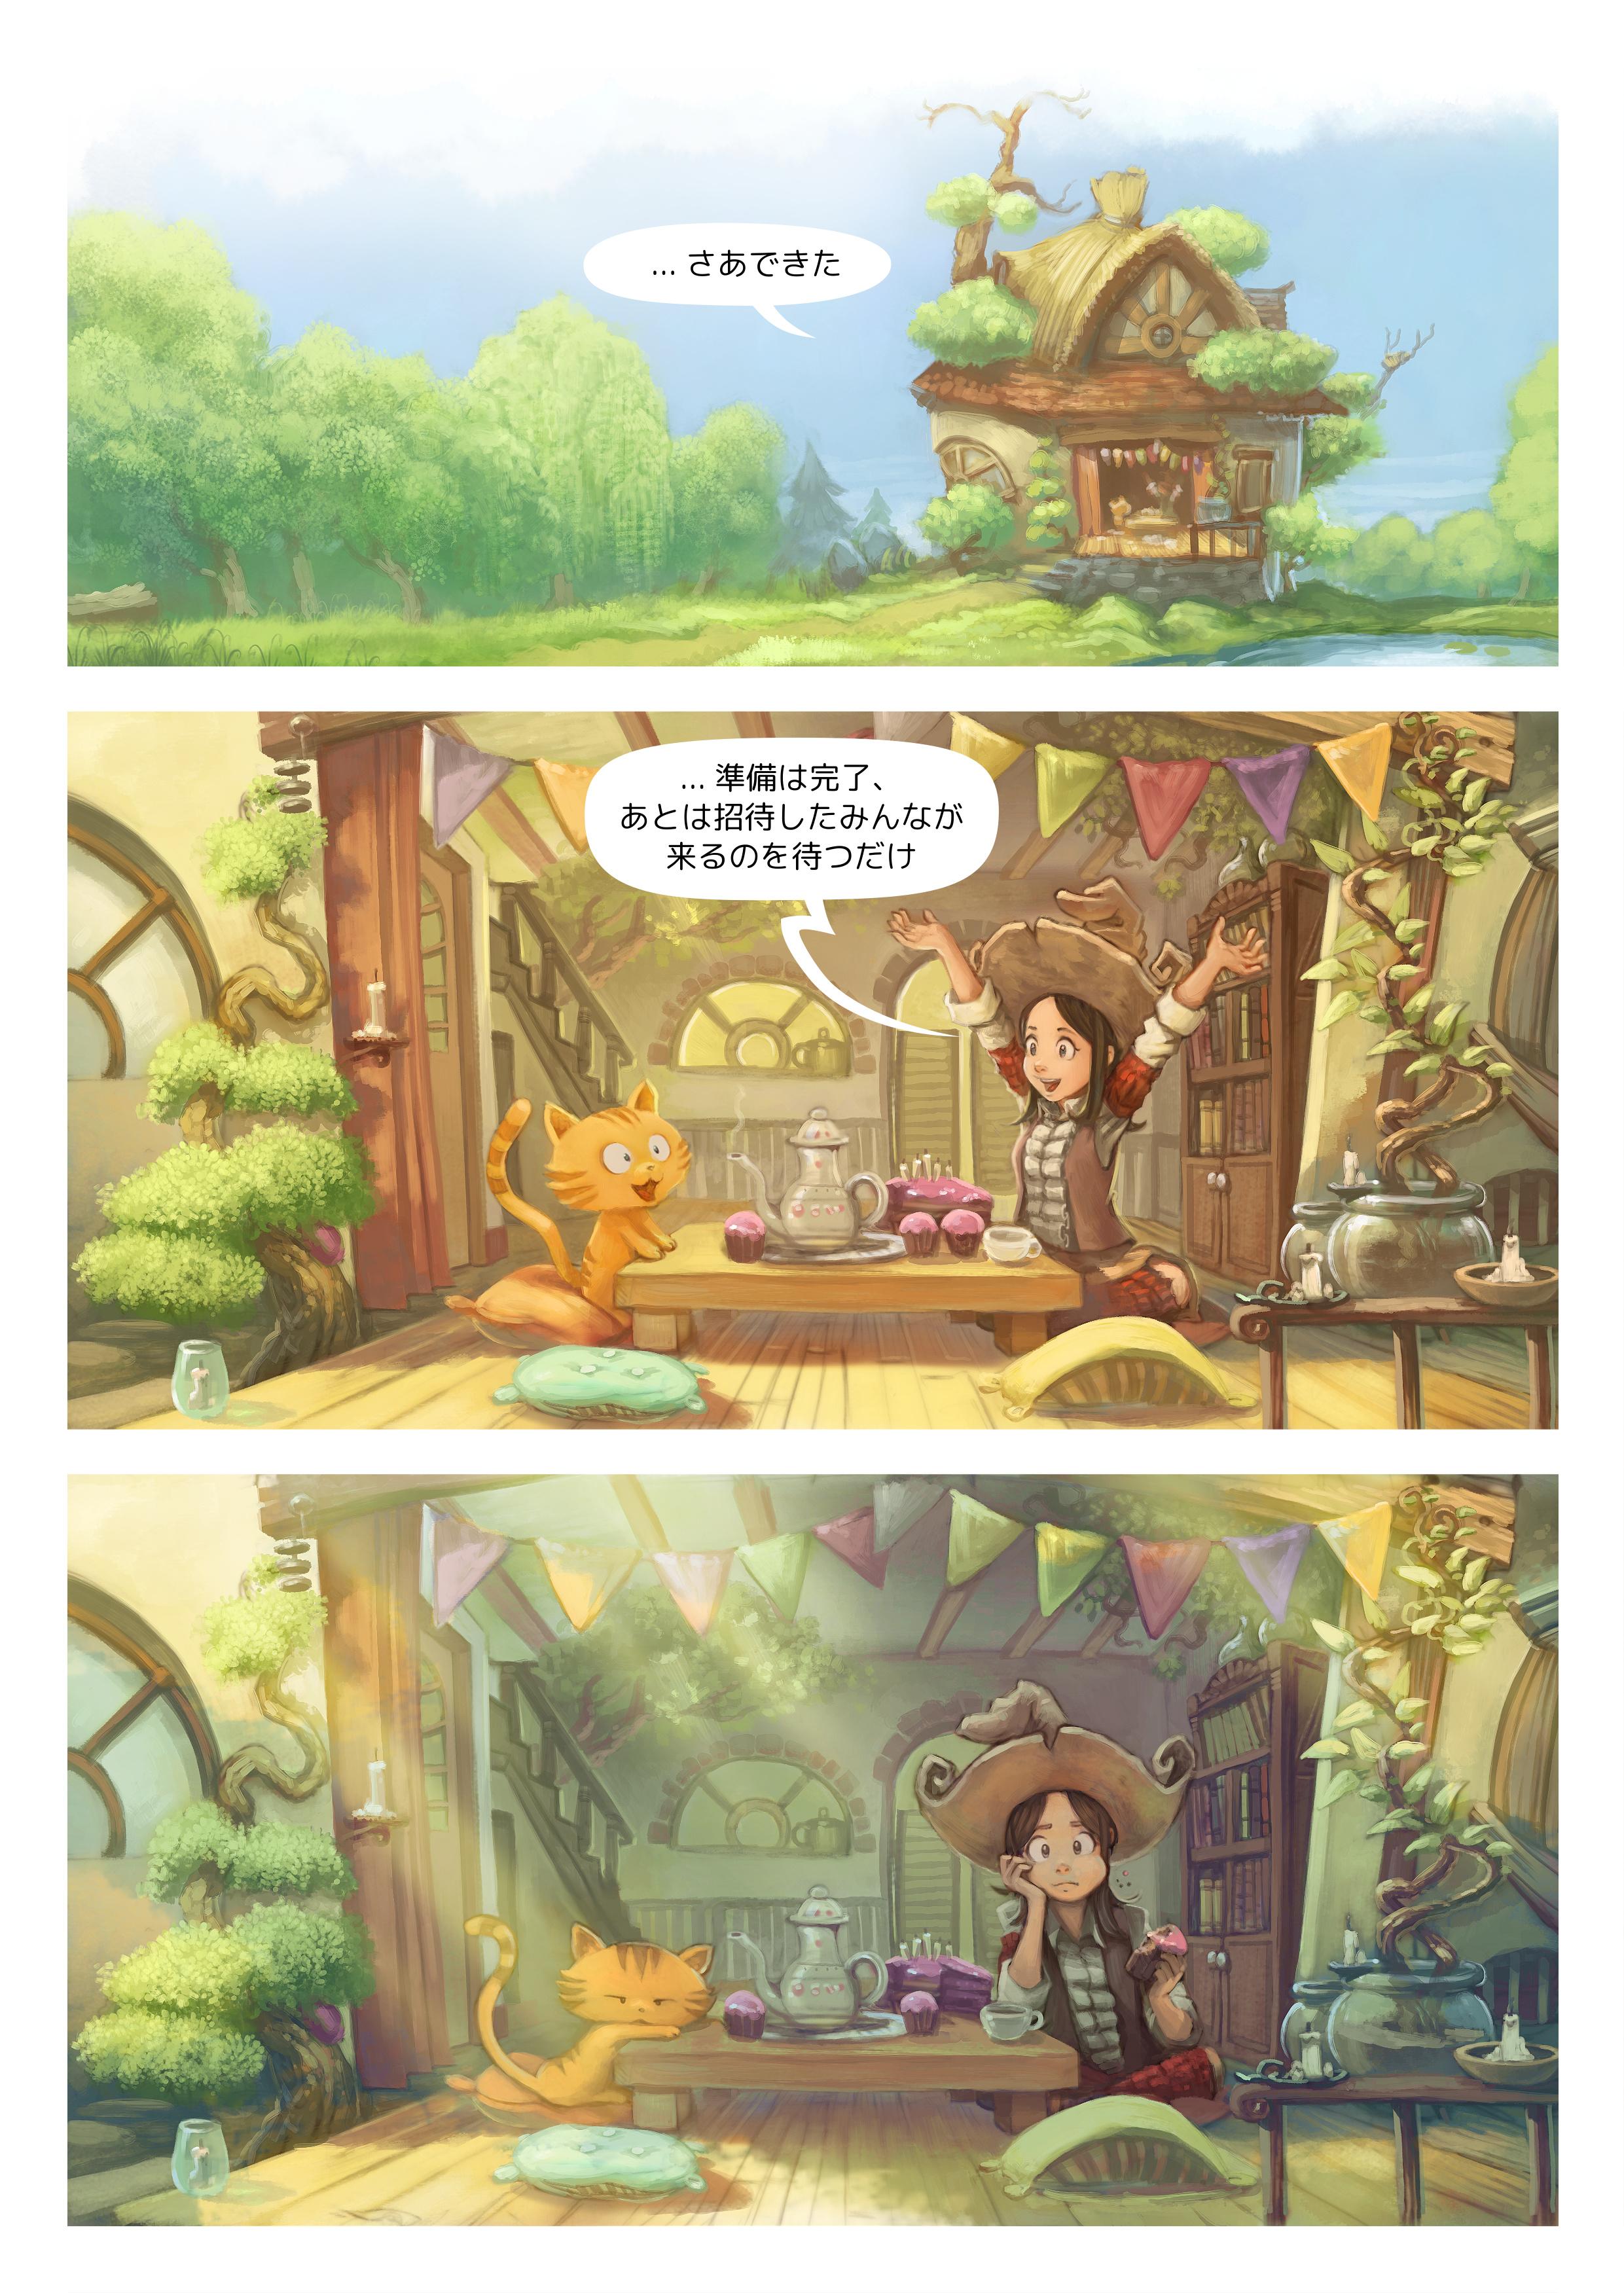 ページ 3